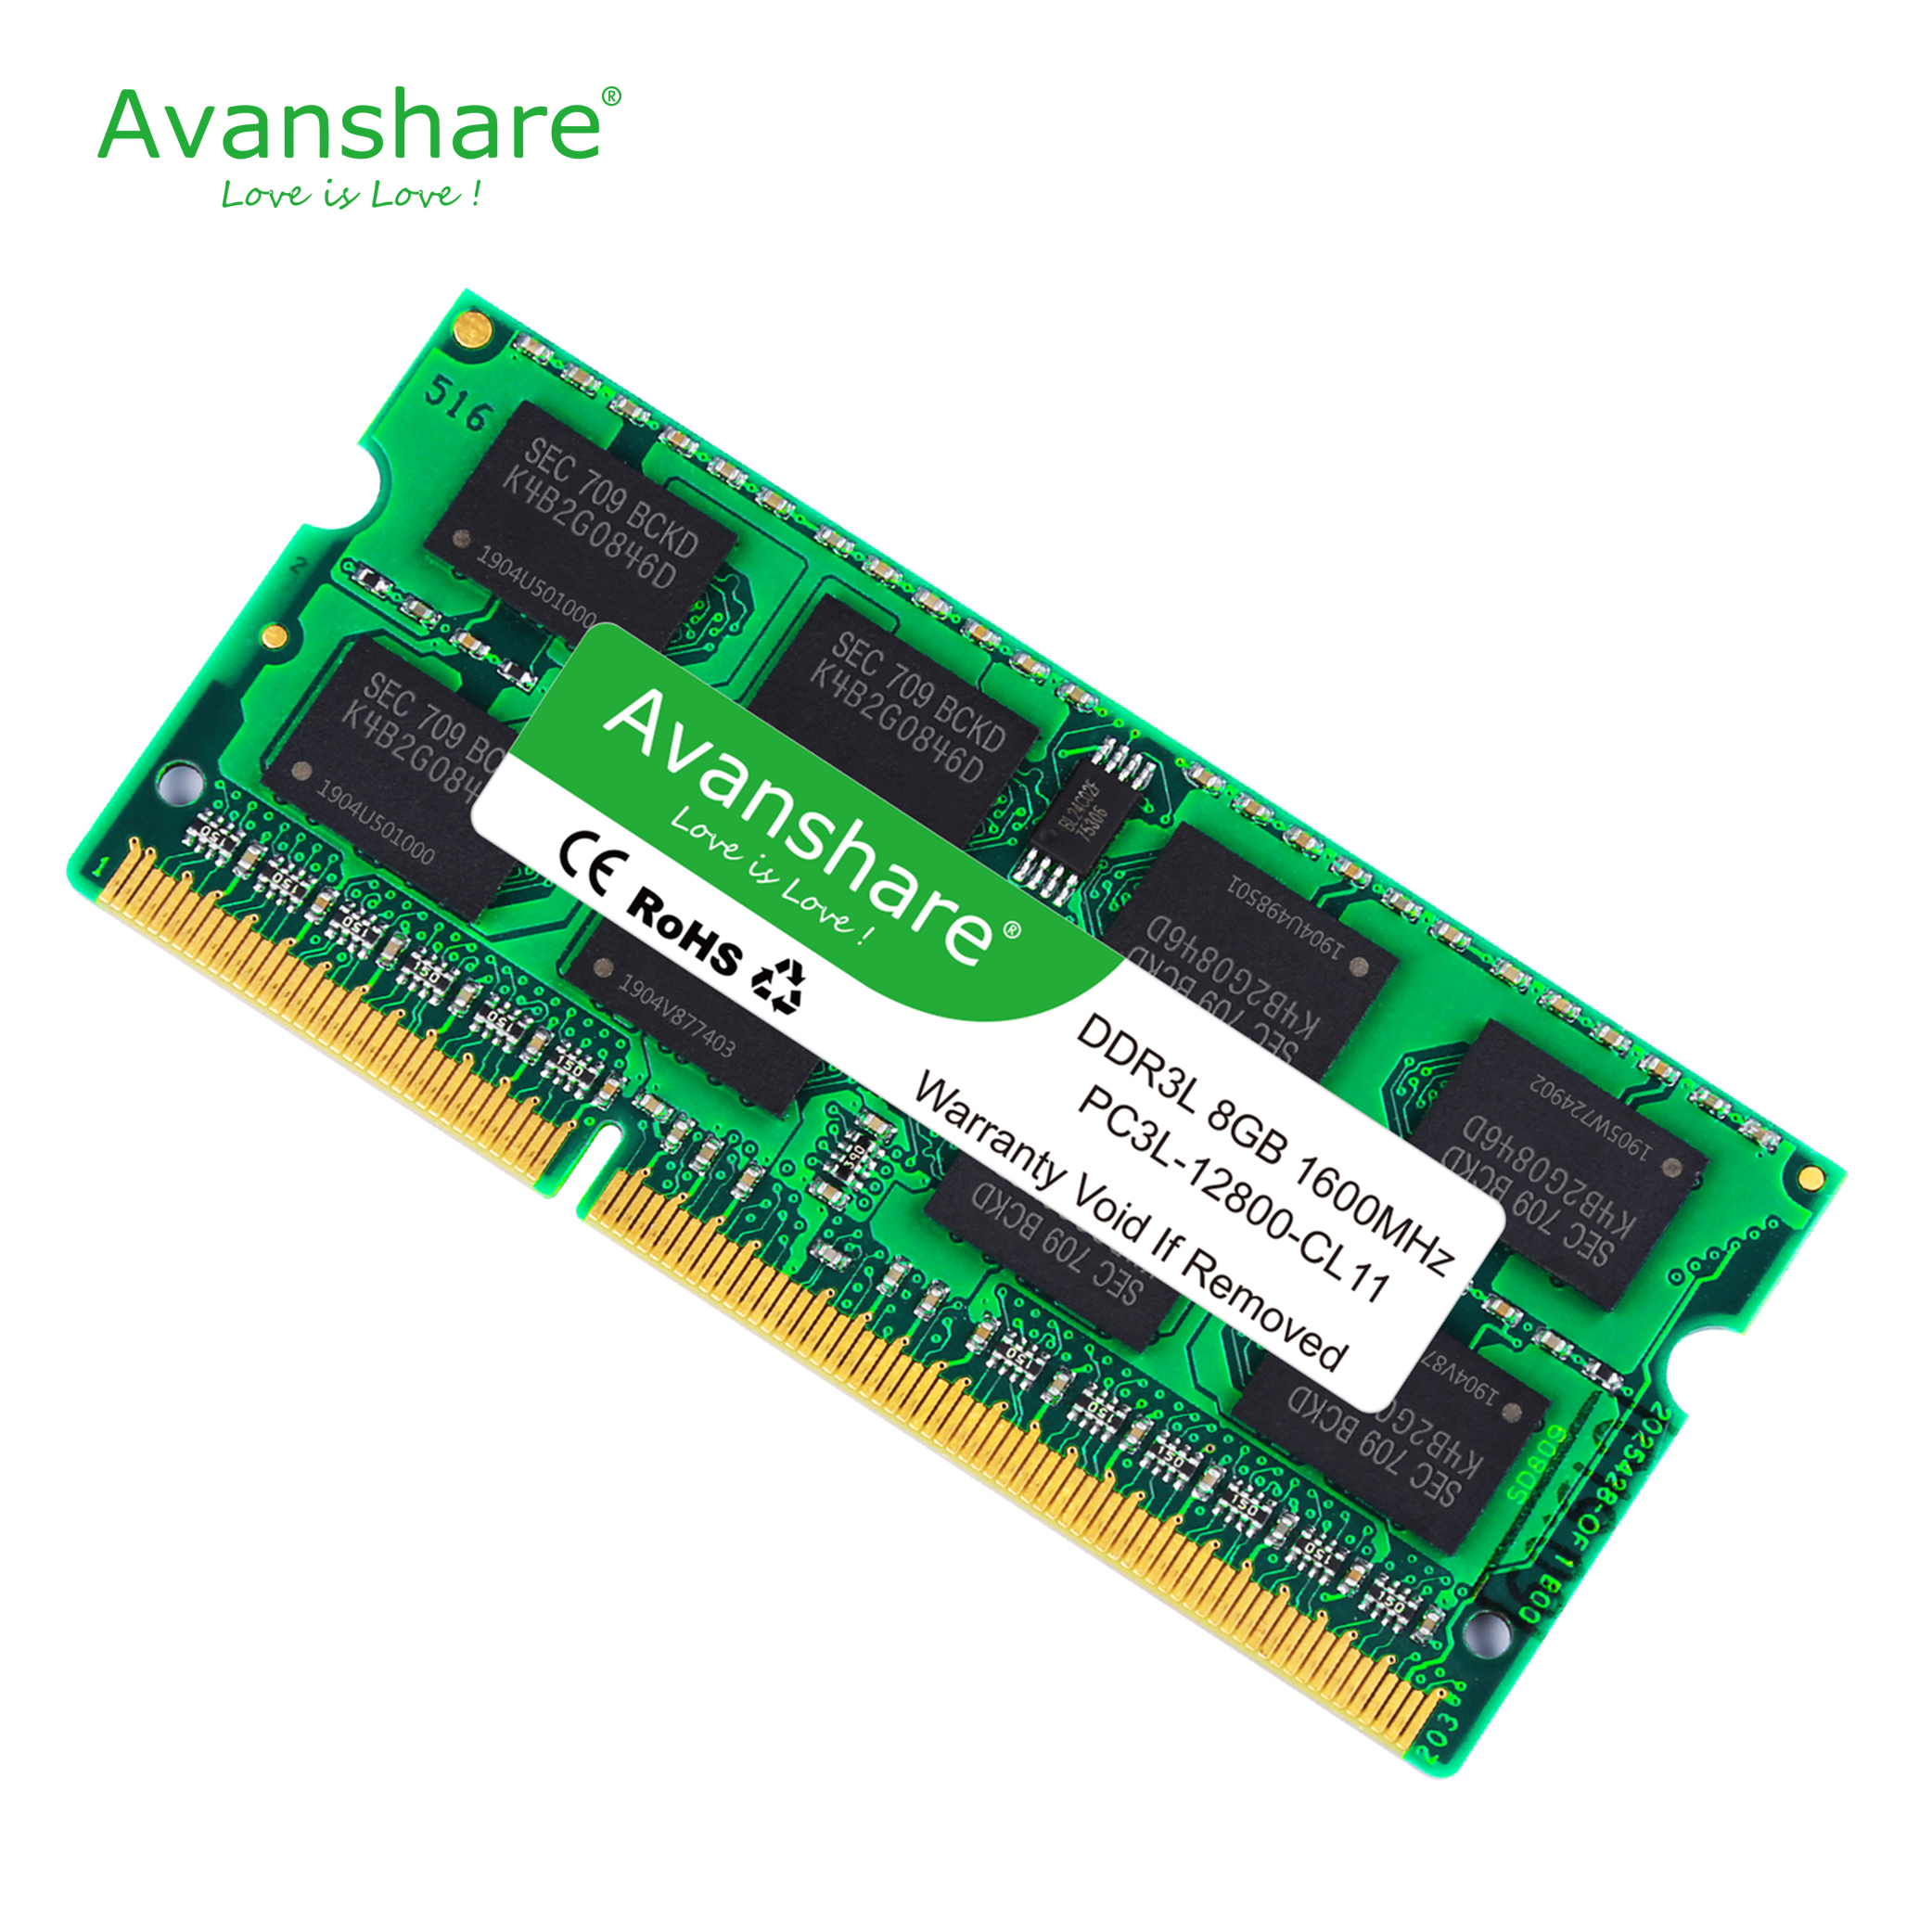 Avanshare ram ddr3 4 gb 8 gb 2 gb 1333 1600 mhz memória do portátil memoria 240pin 1.5 v novo dimm